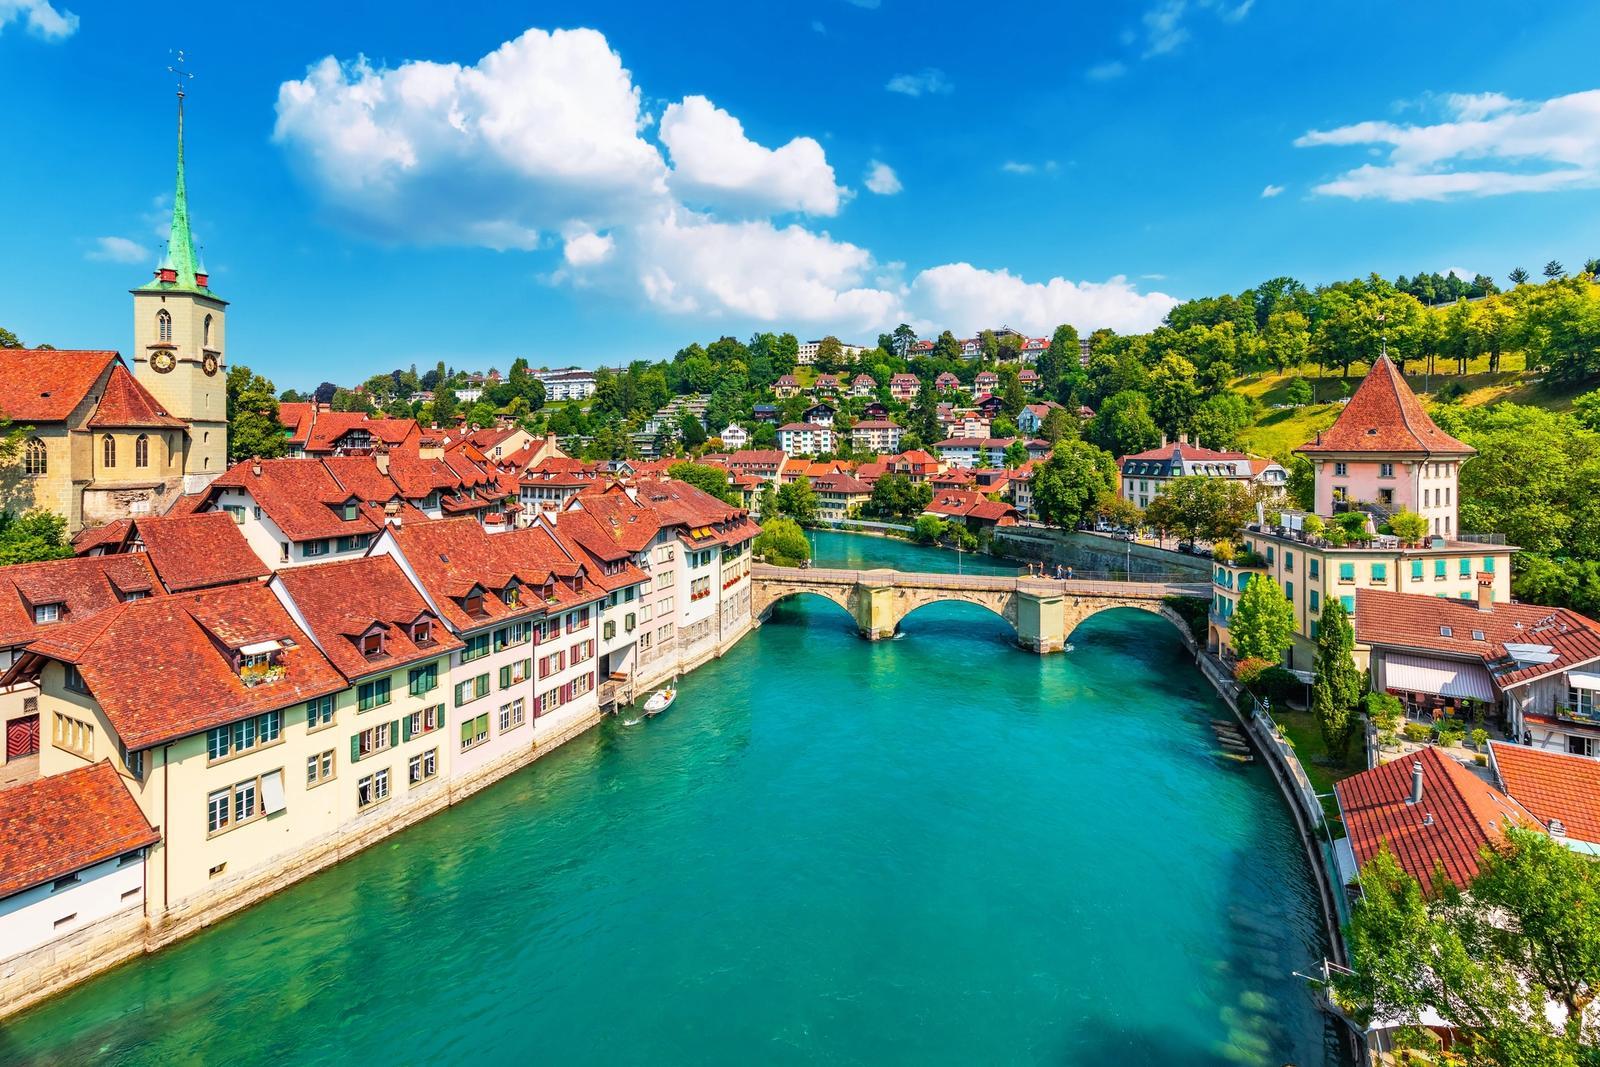 citta di berna in svizzera